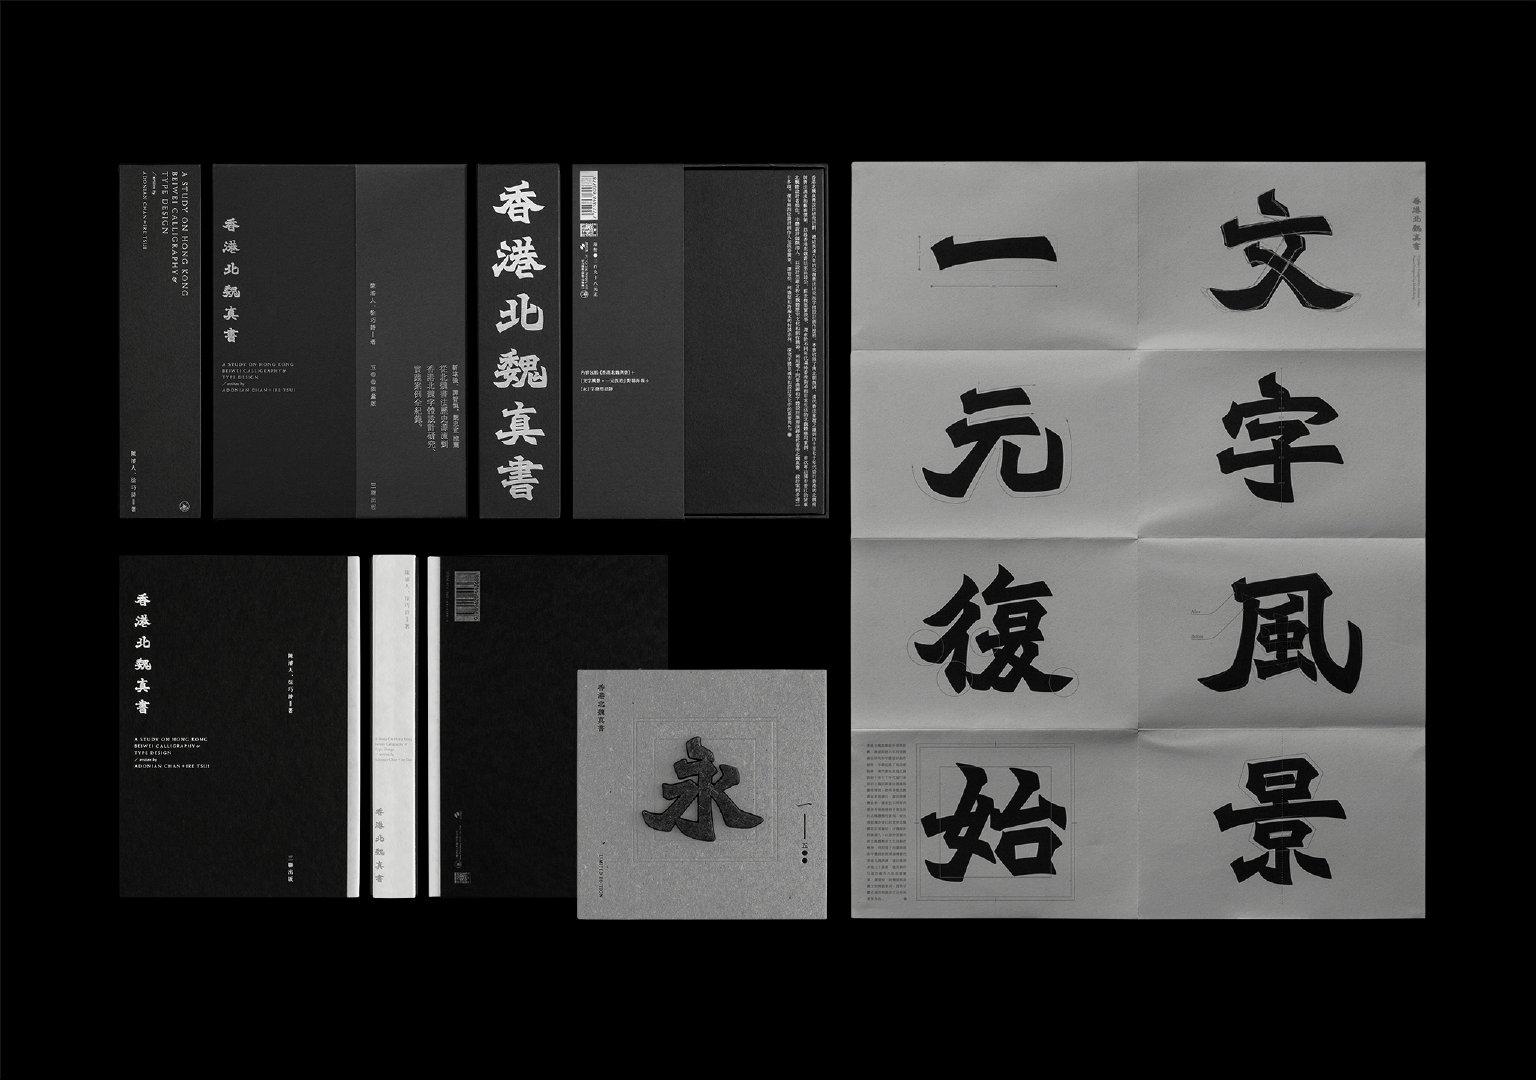 《香港北魏真书》书籍装帧设计by 麦綮桁